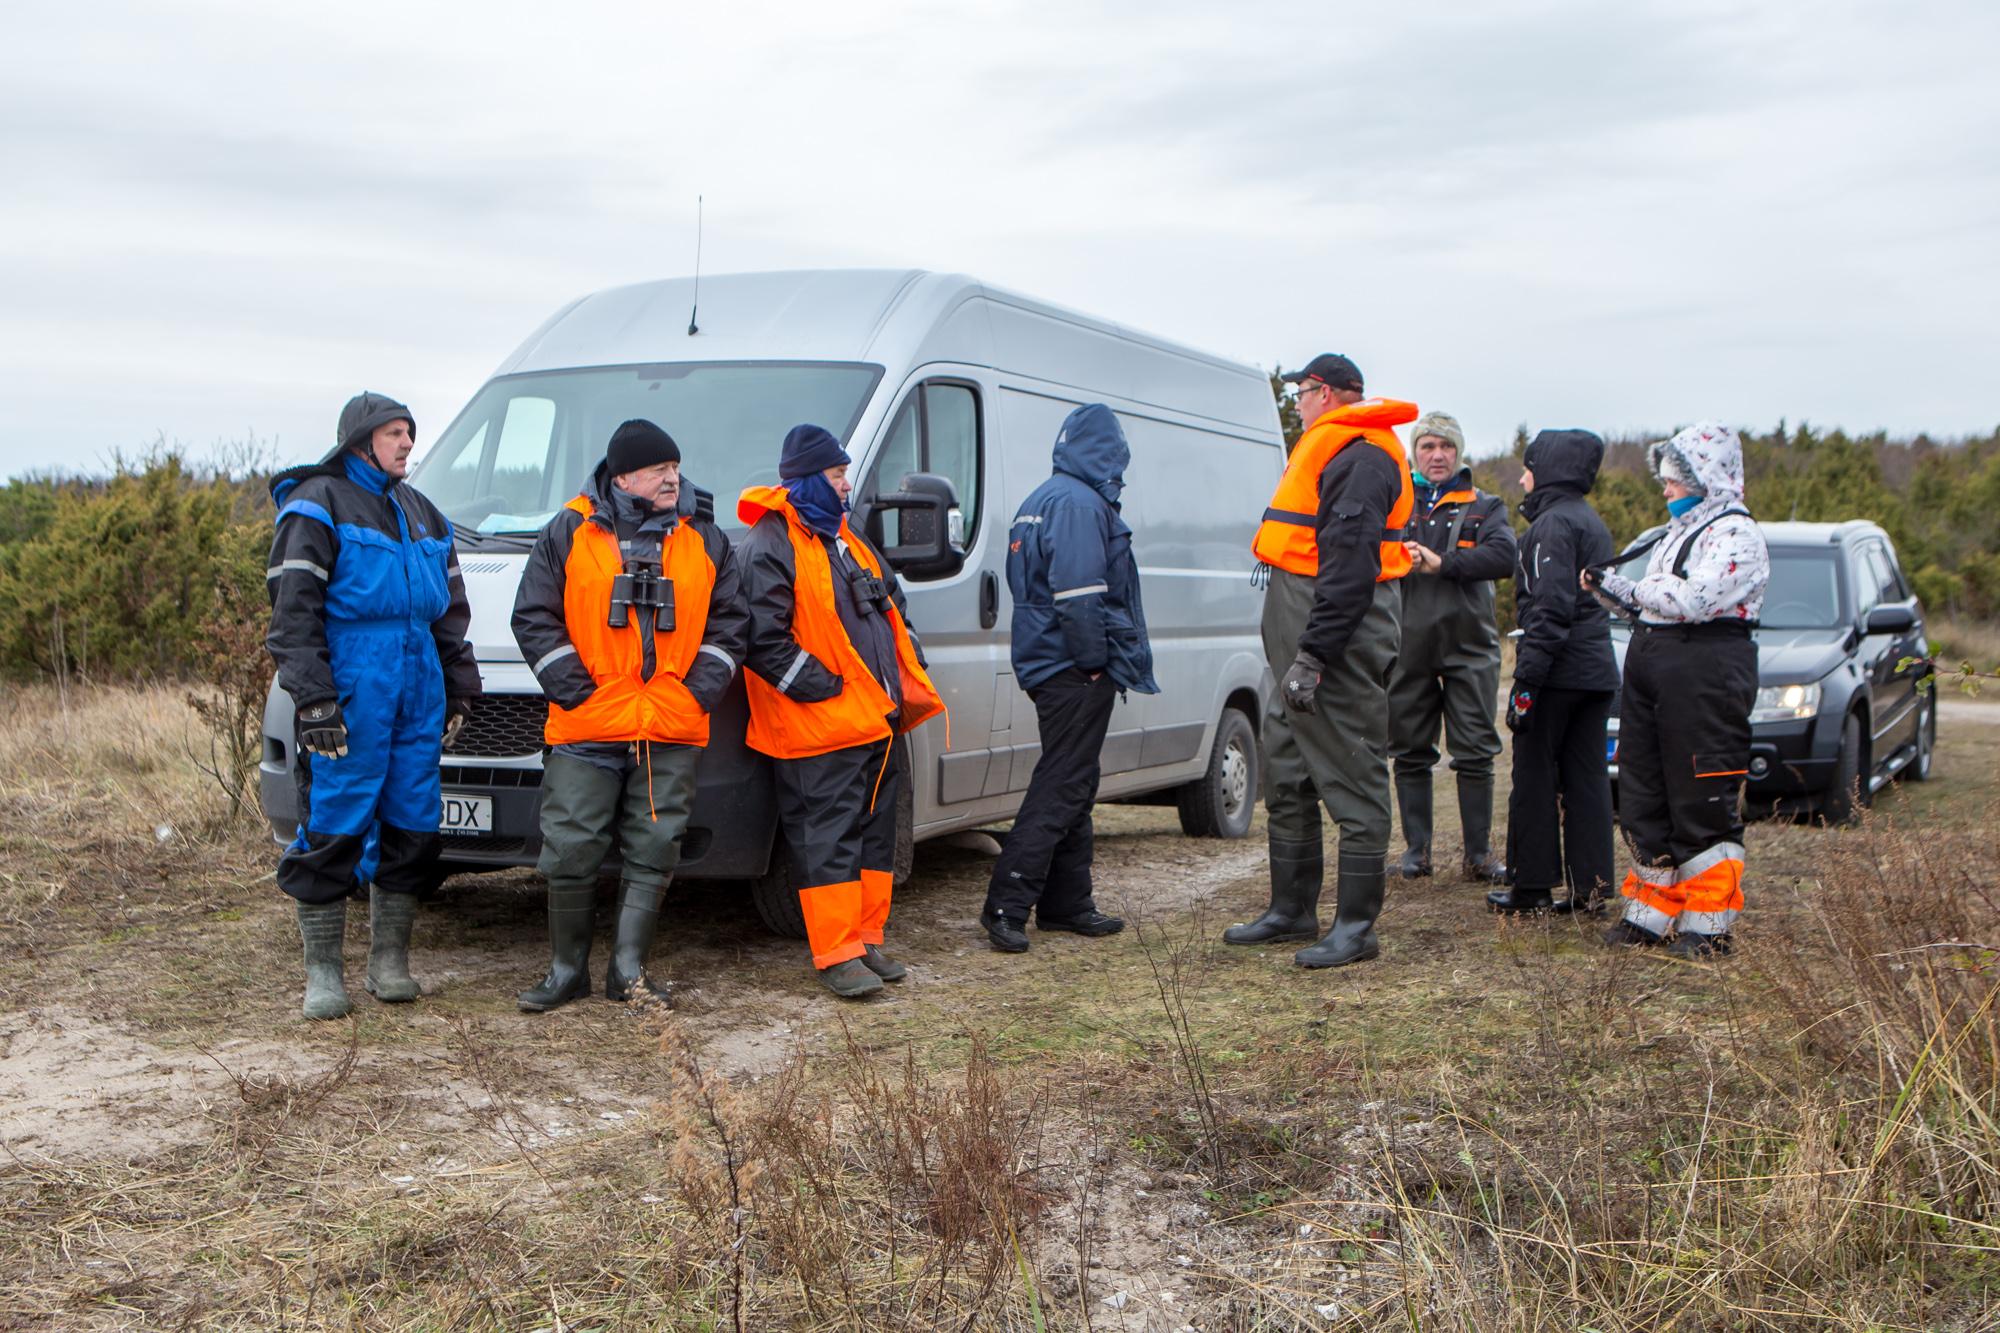 """Täna ennelõunal kogunesid Tirbi randa vabatahtlikud merepäästjad, kes koos Vätta Külade Seltsi inimeste ning sotsiaalmeedias postitatud üleskutse peale appi tulnutega otsisid 26. oktoobril kadunuks jäänud 61aastast kalameest Paavot. """"Läksime vabatahtlikele […]"""